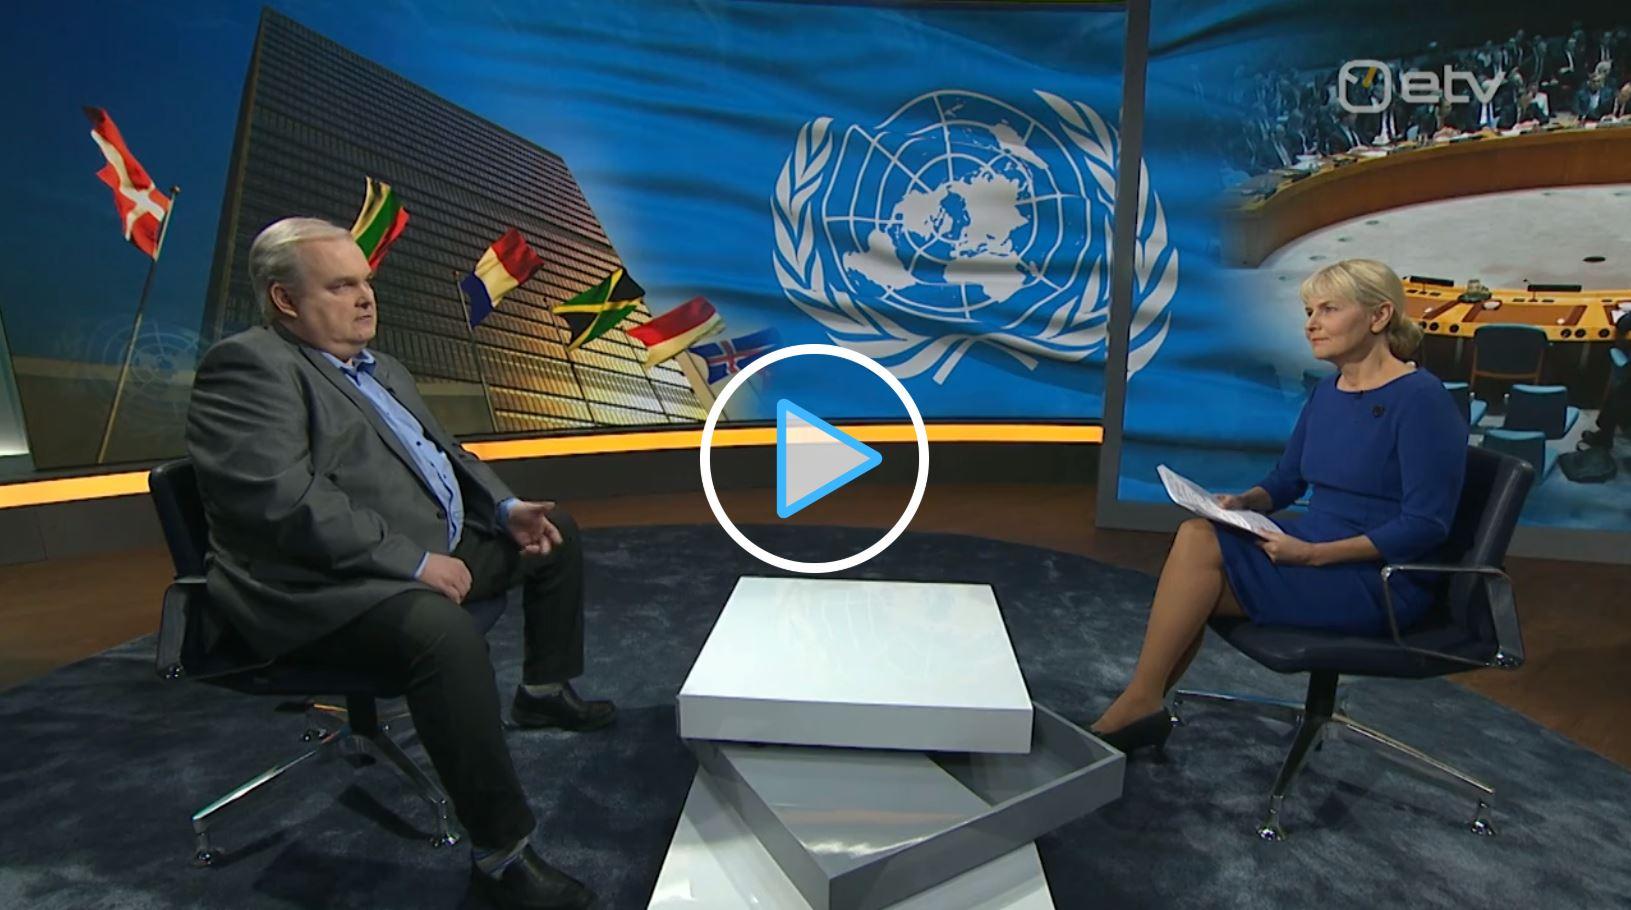 Image for Bahovski sõnul võib valitsuse otsustamatus ka ÜRO julgeolekunõukogus probleeme tuua